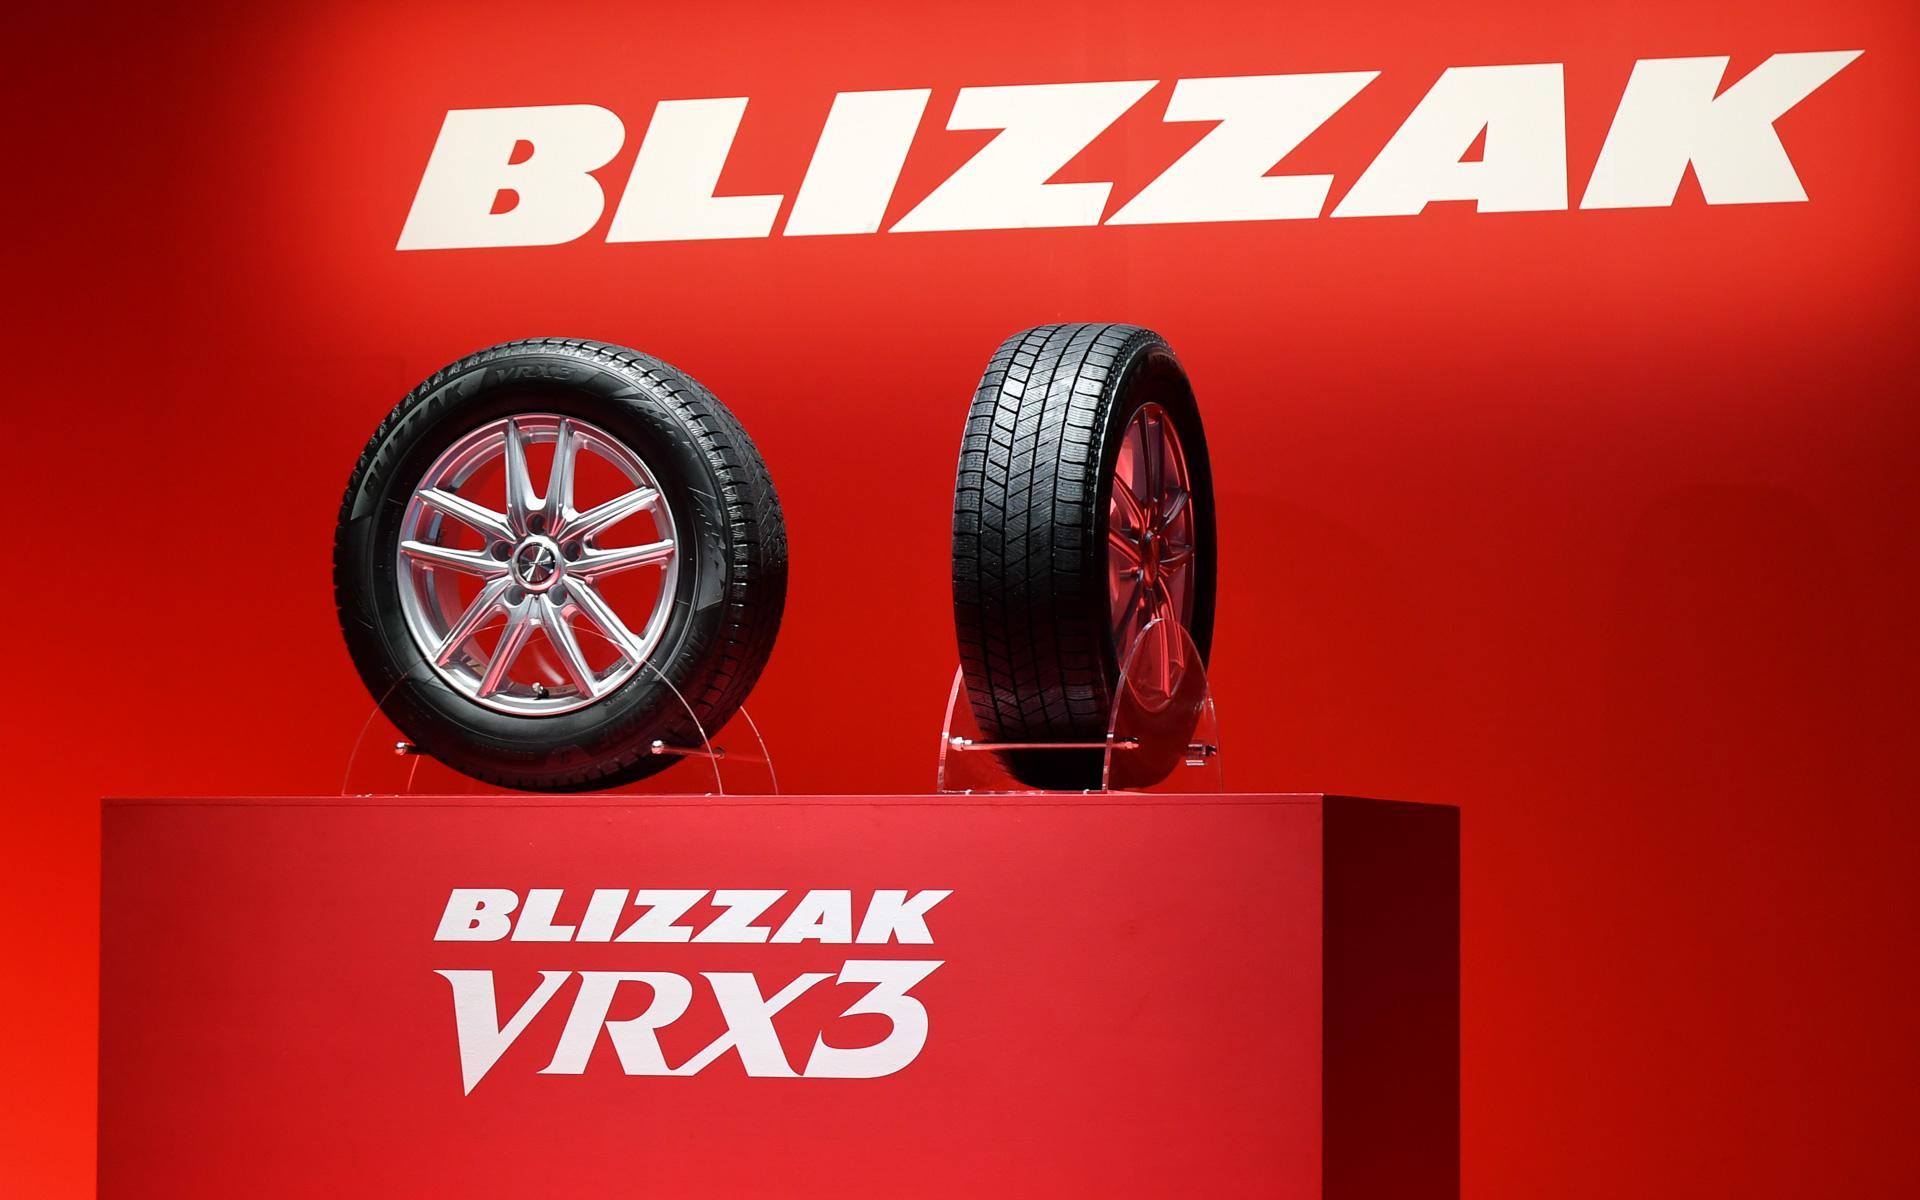 ブリヂストン、新スタッドレスタイヤ「ブリザックVRX3」